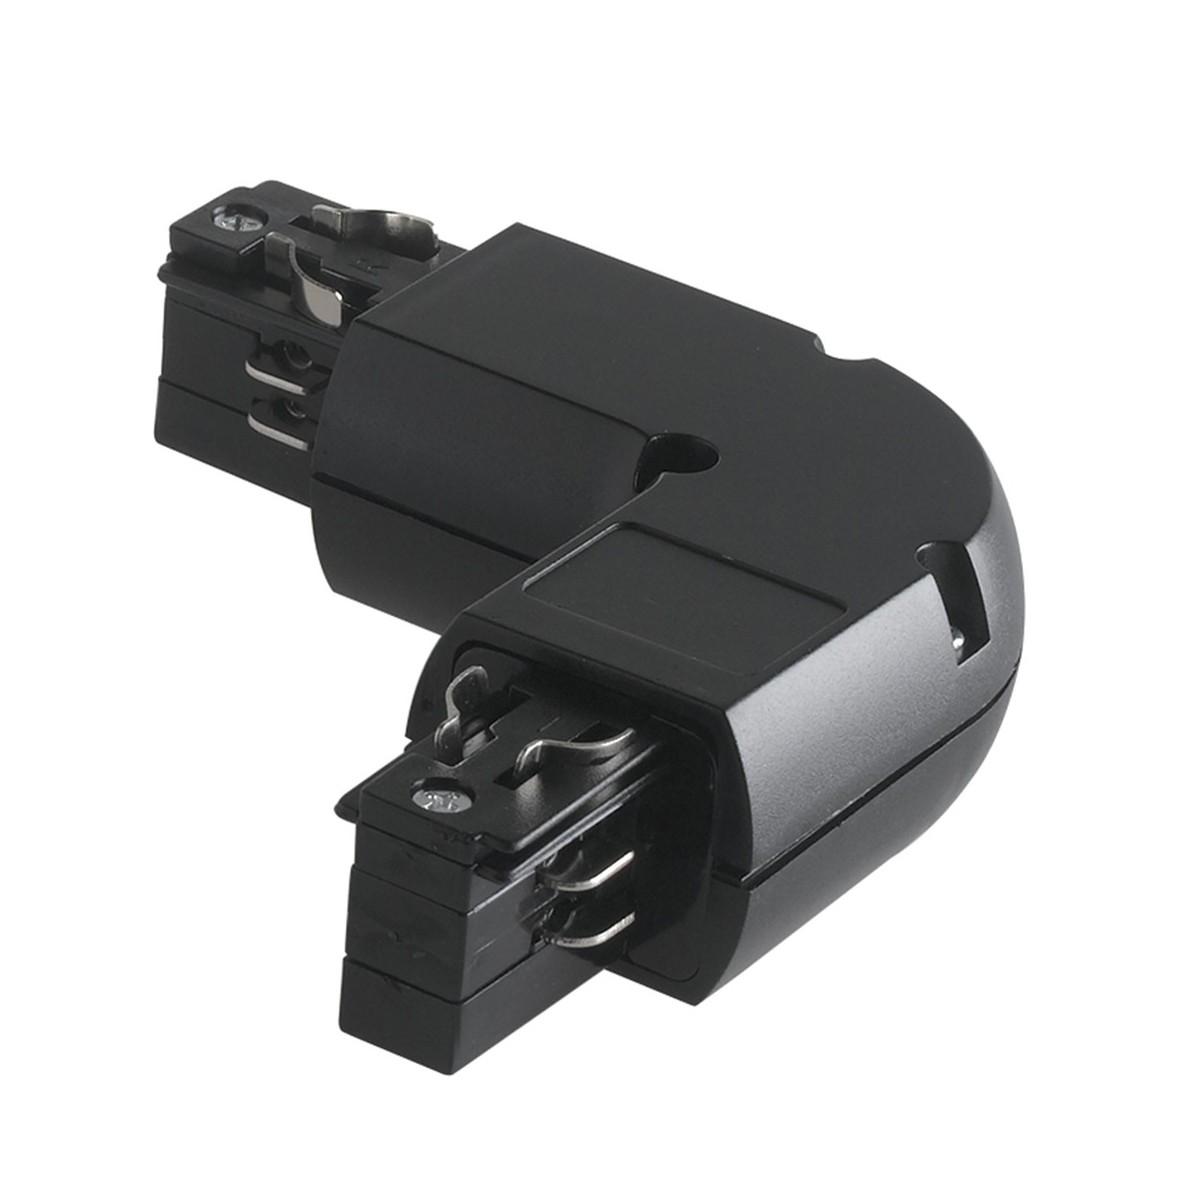 LED-TRACK-L NERO - Connettore per binari